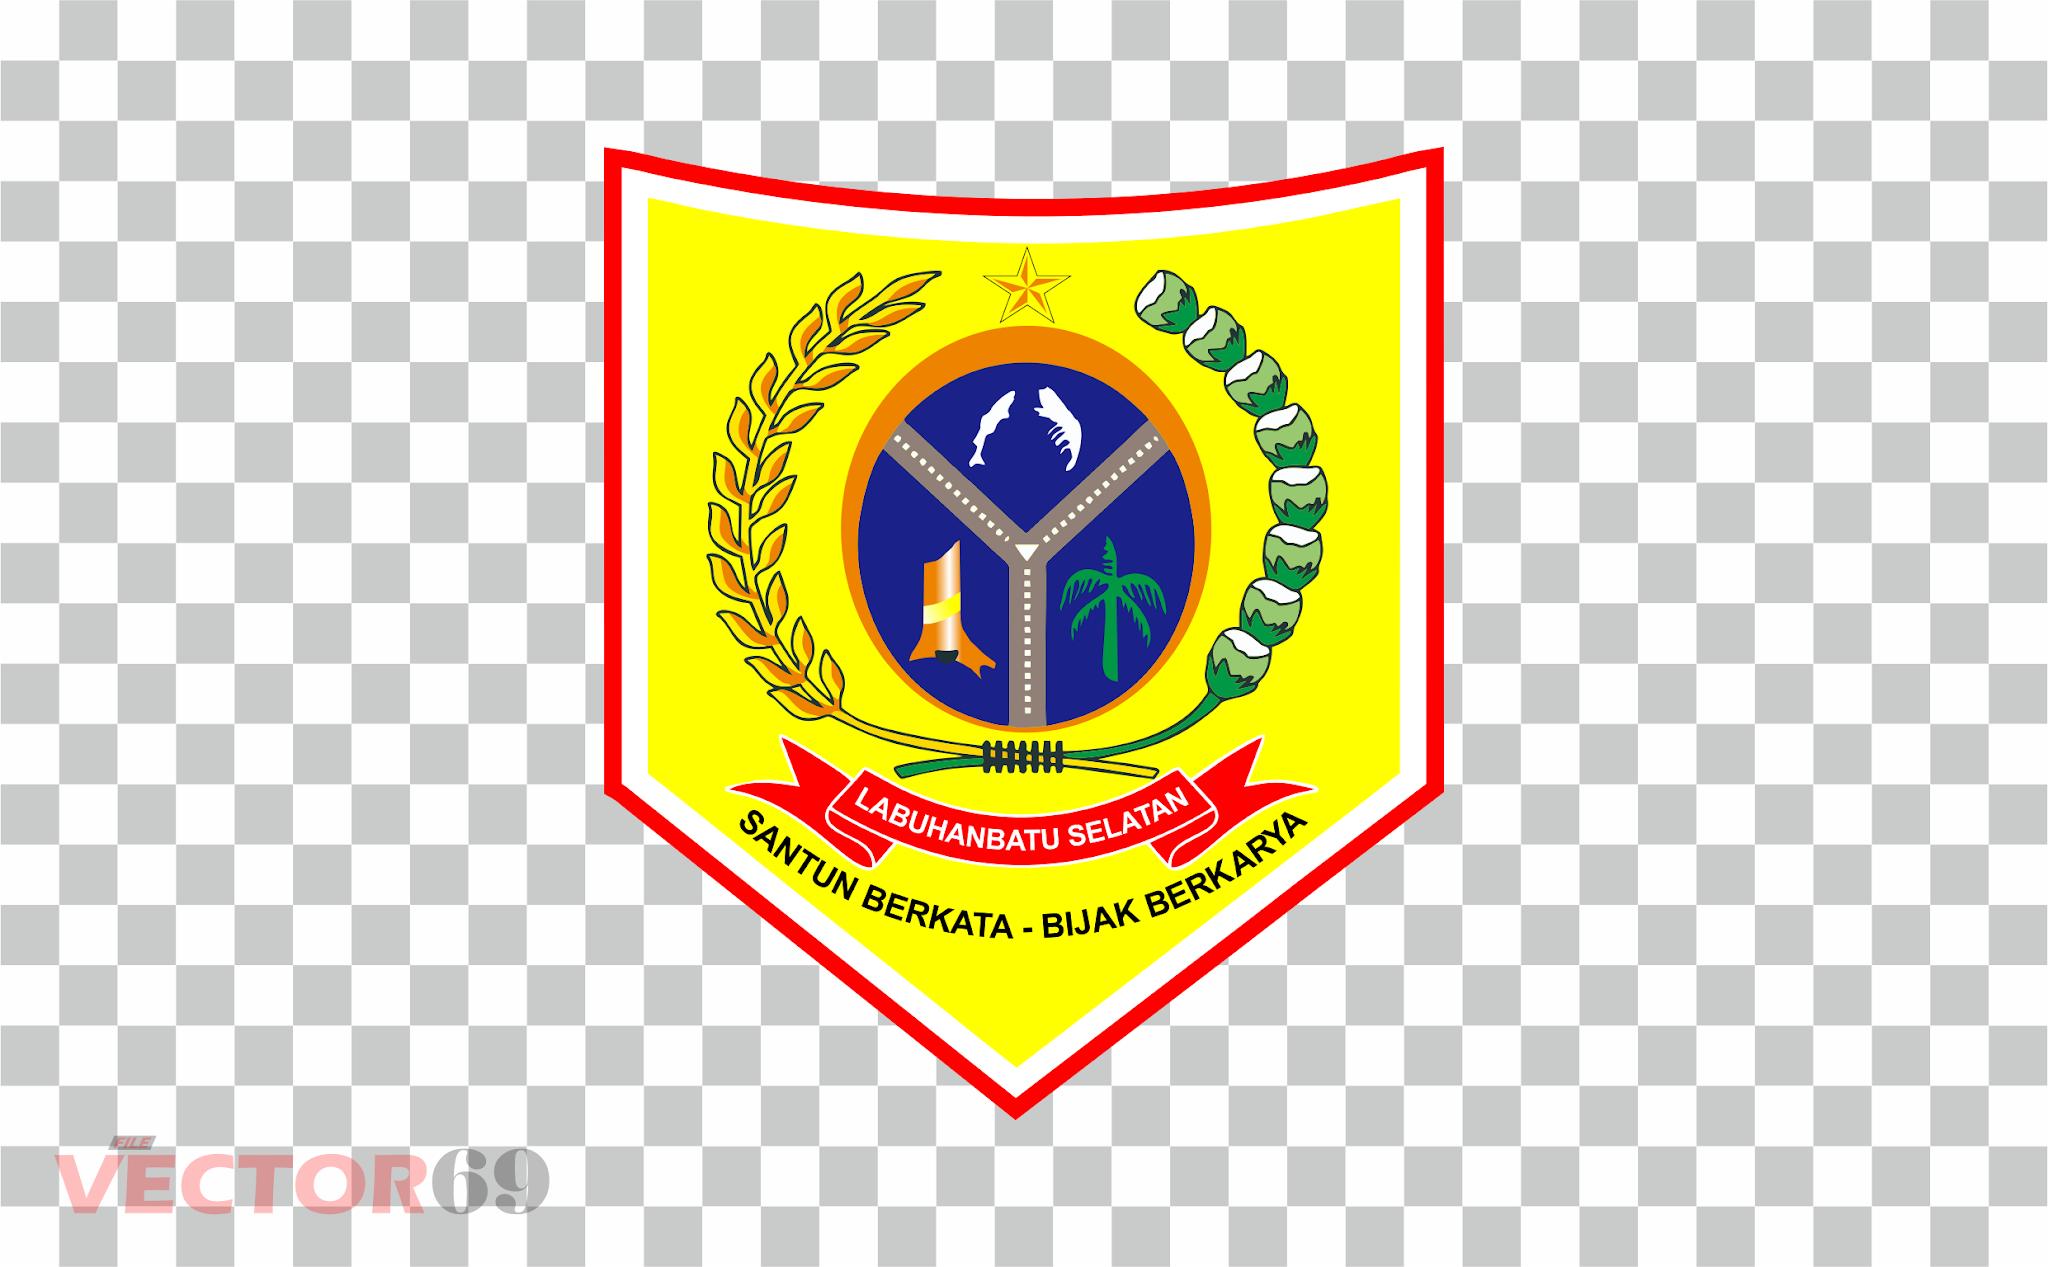 Kabupaten Labuhanbatu Selatan Logo - Download Vector File PNG (Portable Network Graphics)